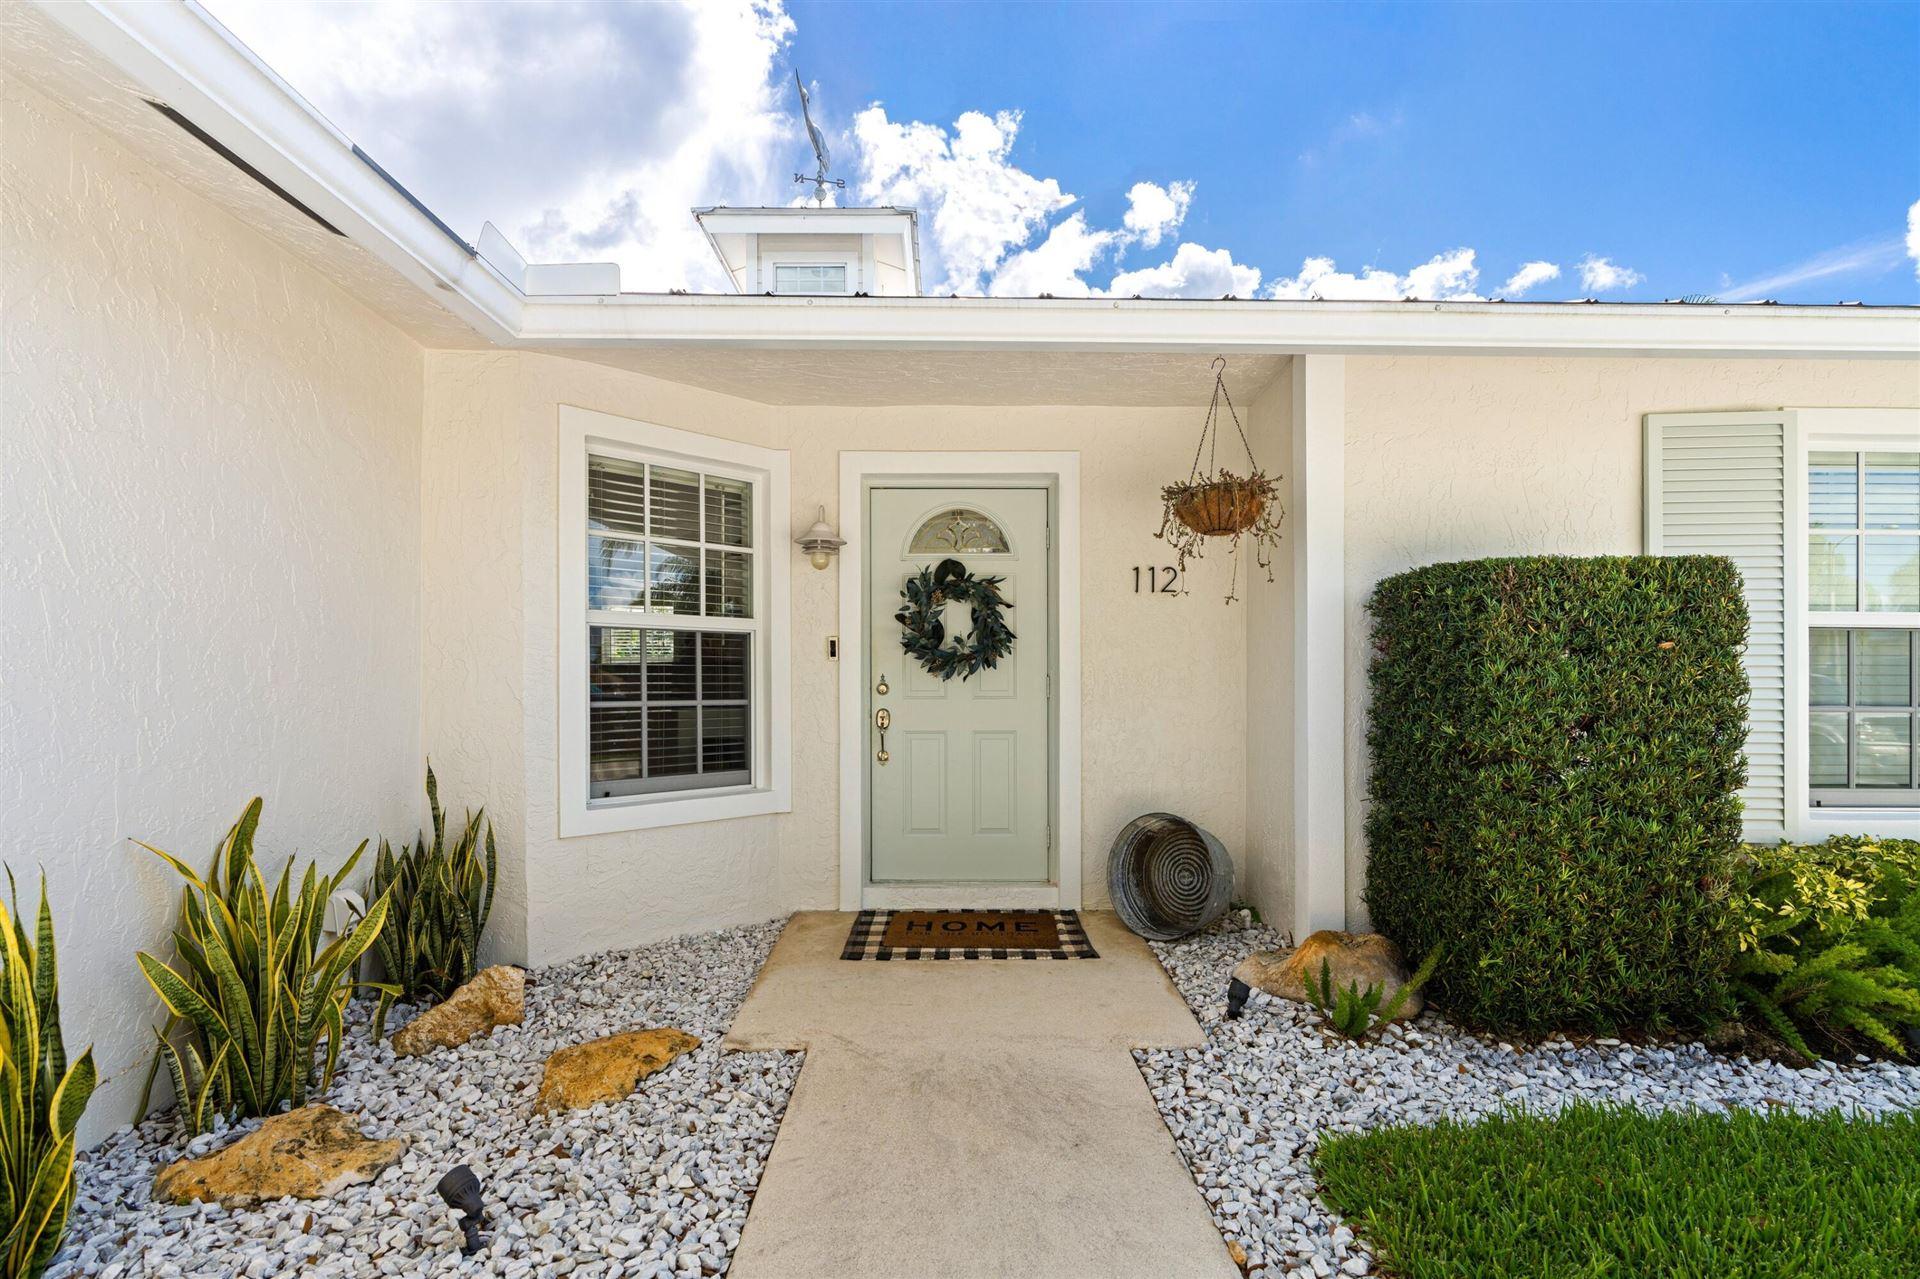 Photo of 112 Prado Street, Royal Palm Beach, FL 33411 (MLS # RX-10736333)